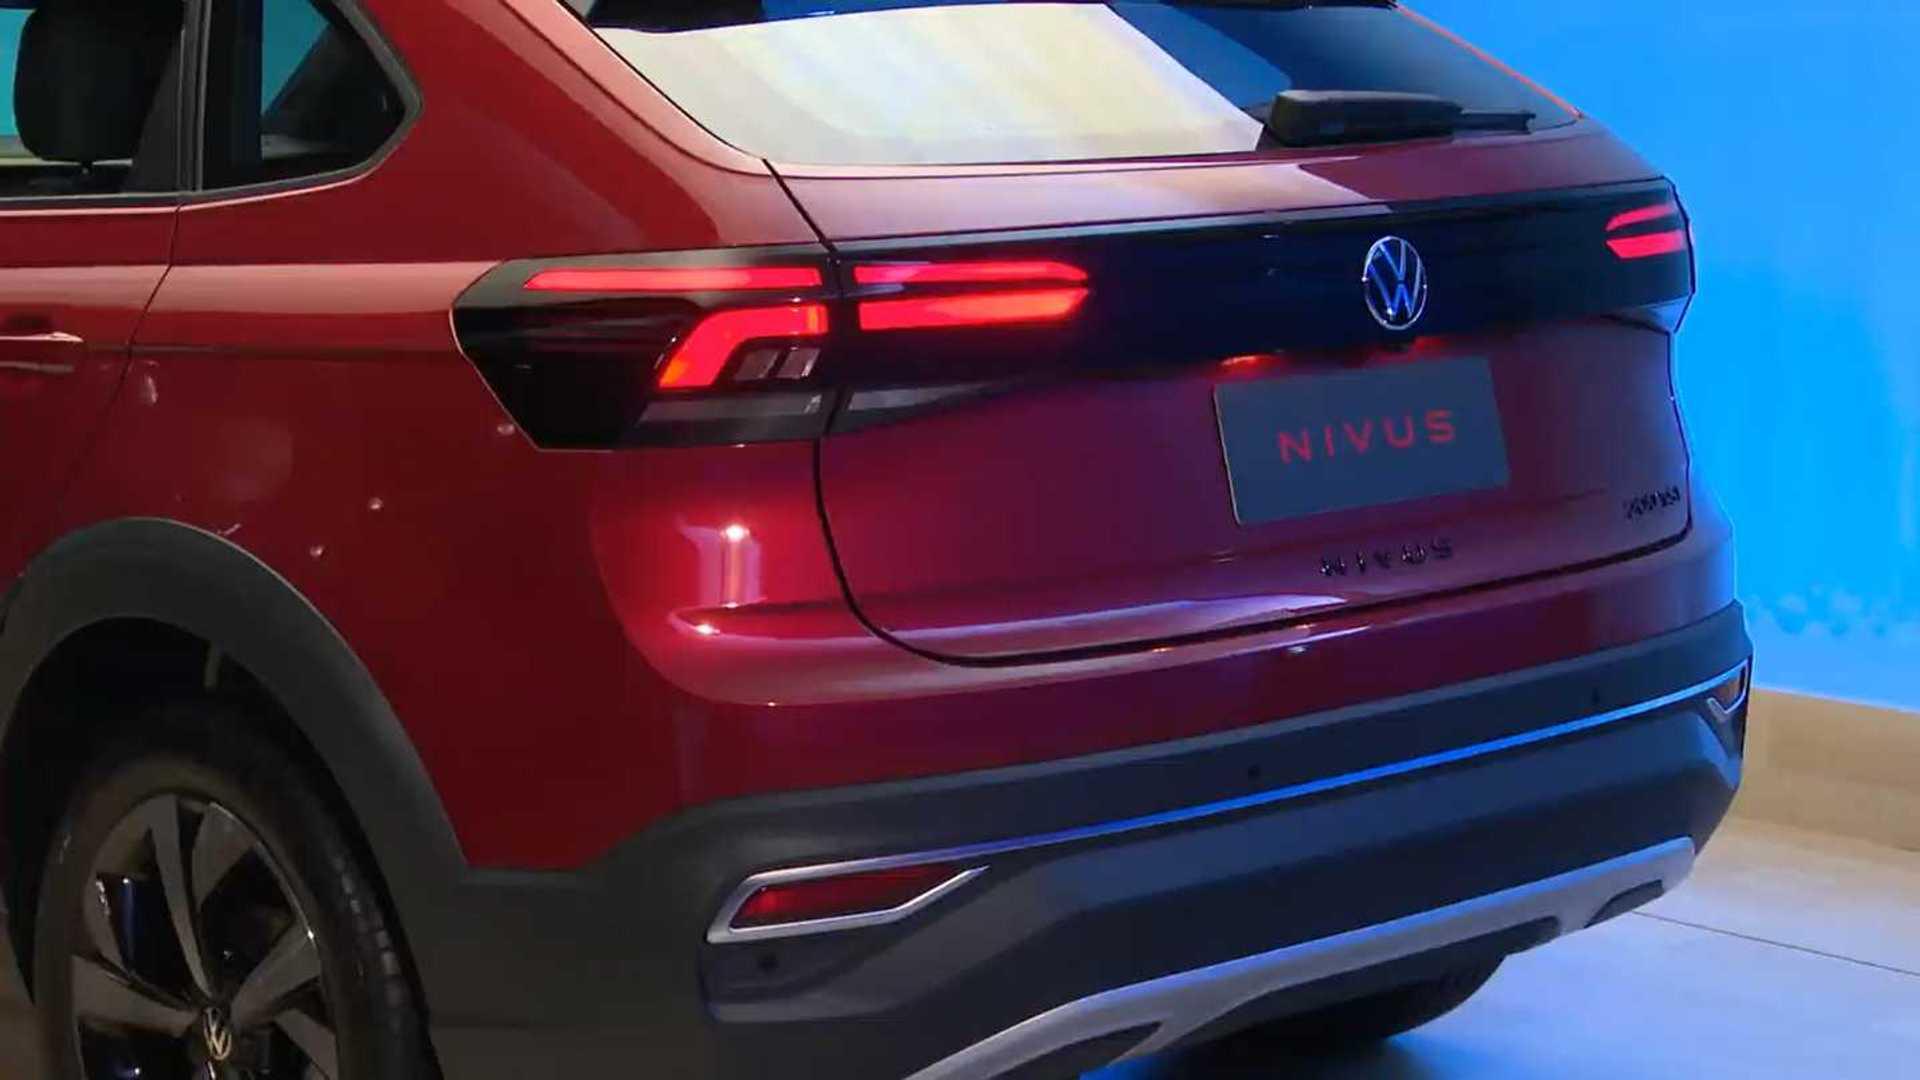 Volkswagen Nivus (2020) 60